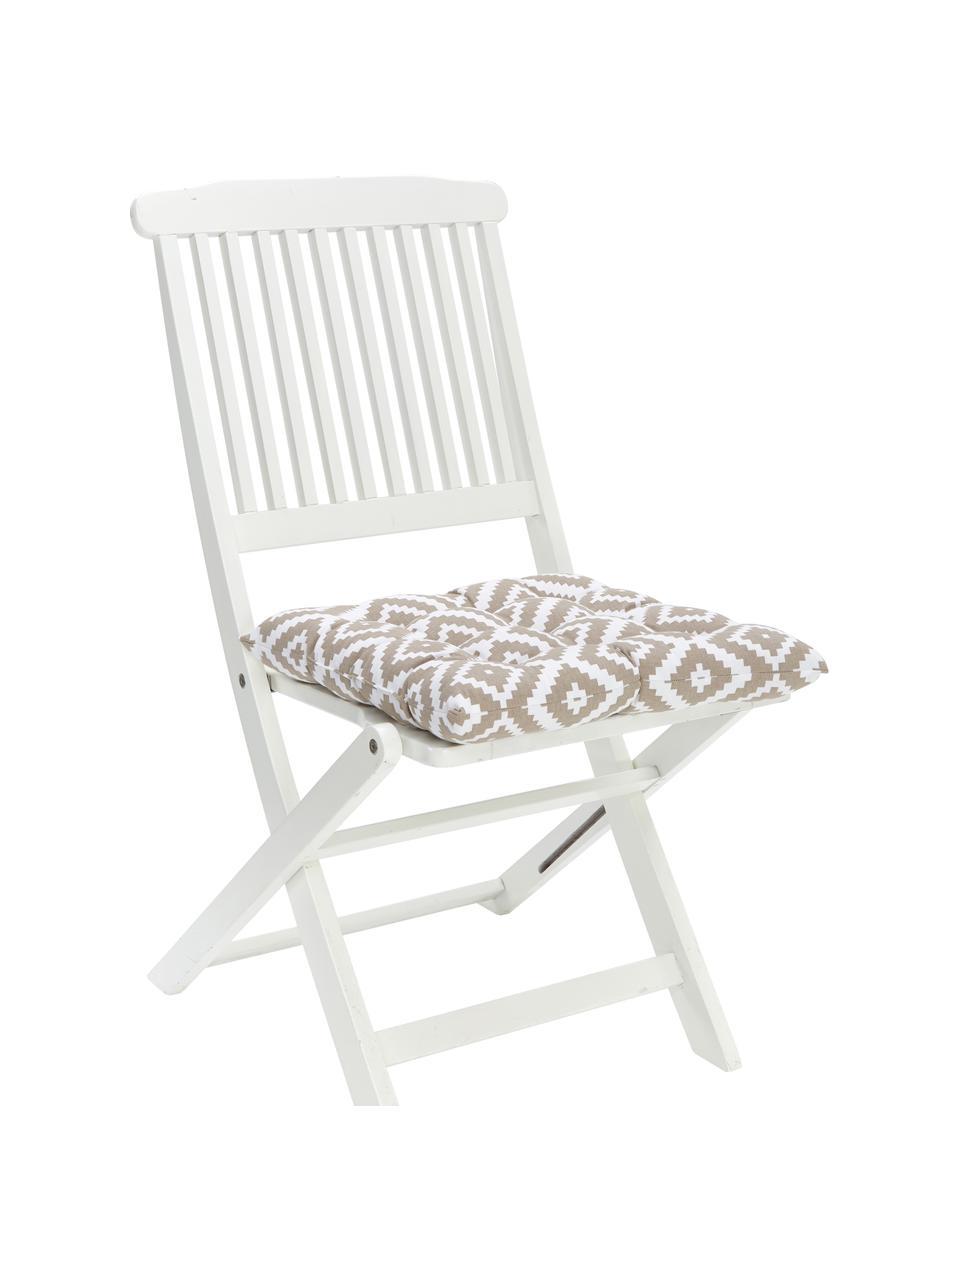 Sitzkissen Miami in Taupe/Weiss, Bezug: 100% Baumwolle, Beige, 40 x 40 cm